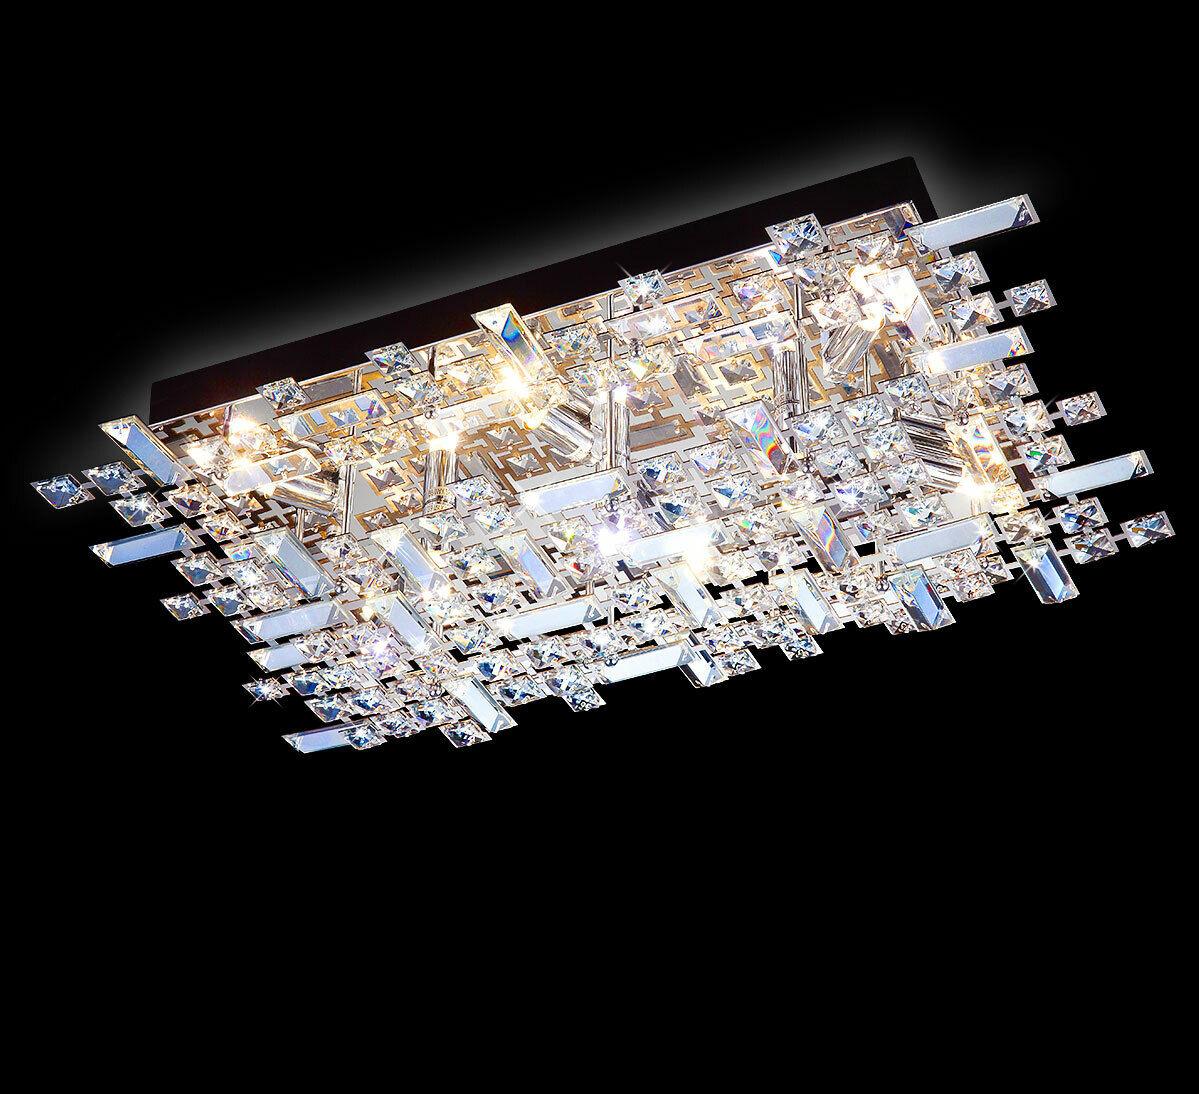 Led Xl 62cm Kristall Deckenleuchte Deckenlampe Wohnzimmer Wand Lampe Leuchte